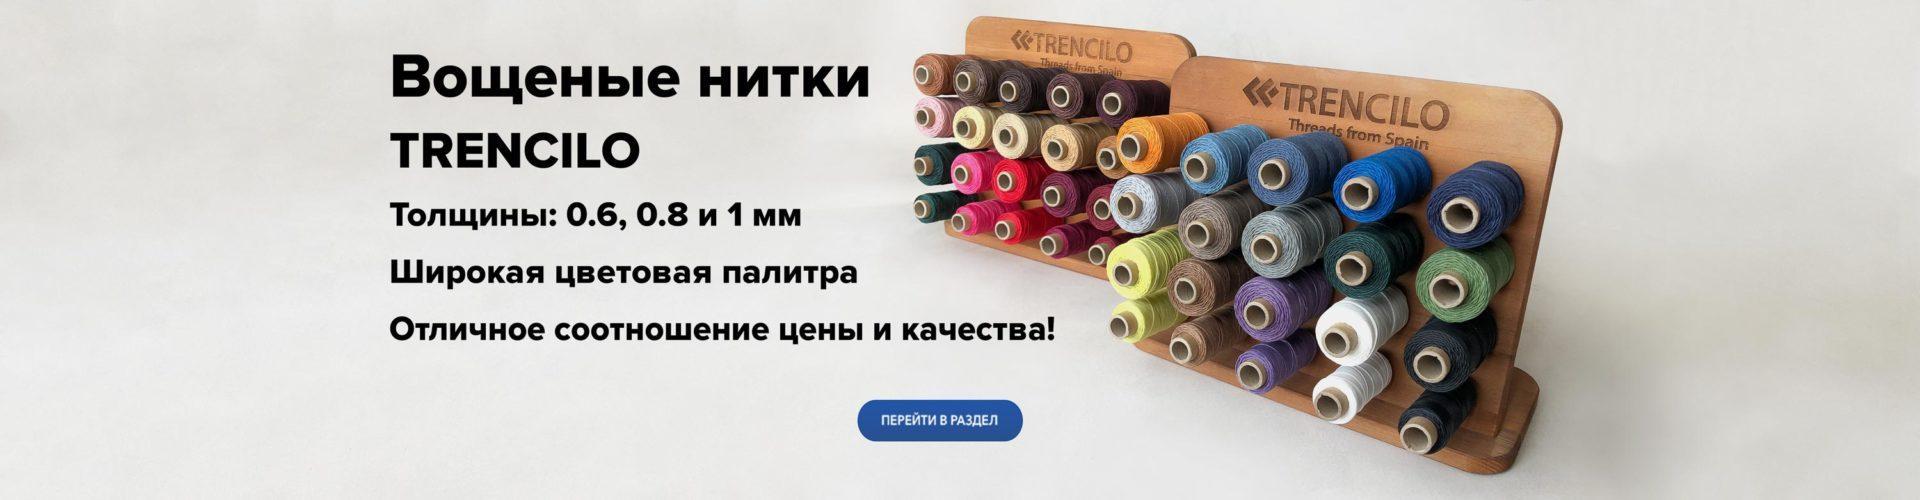 Вощеные нитки для кожи Trencilo